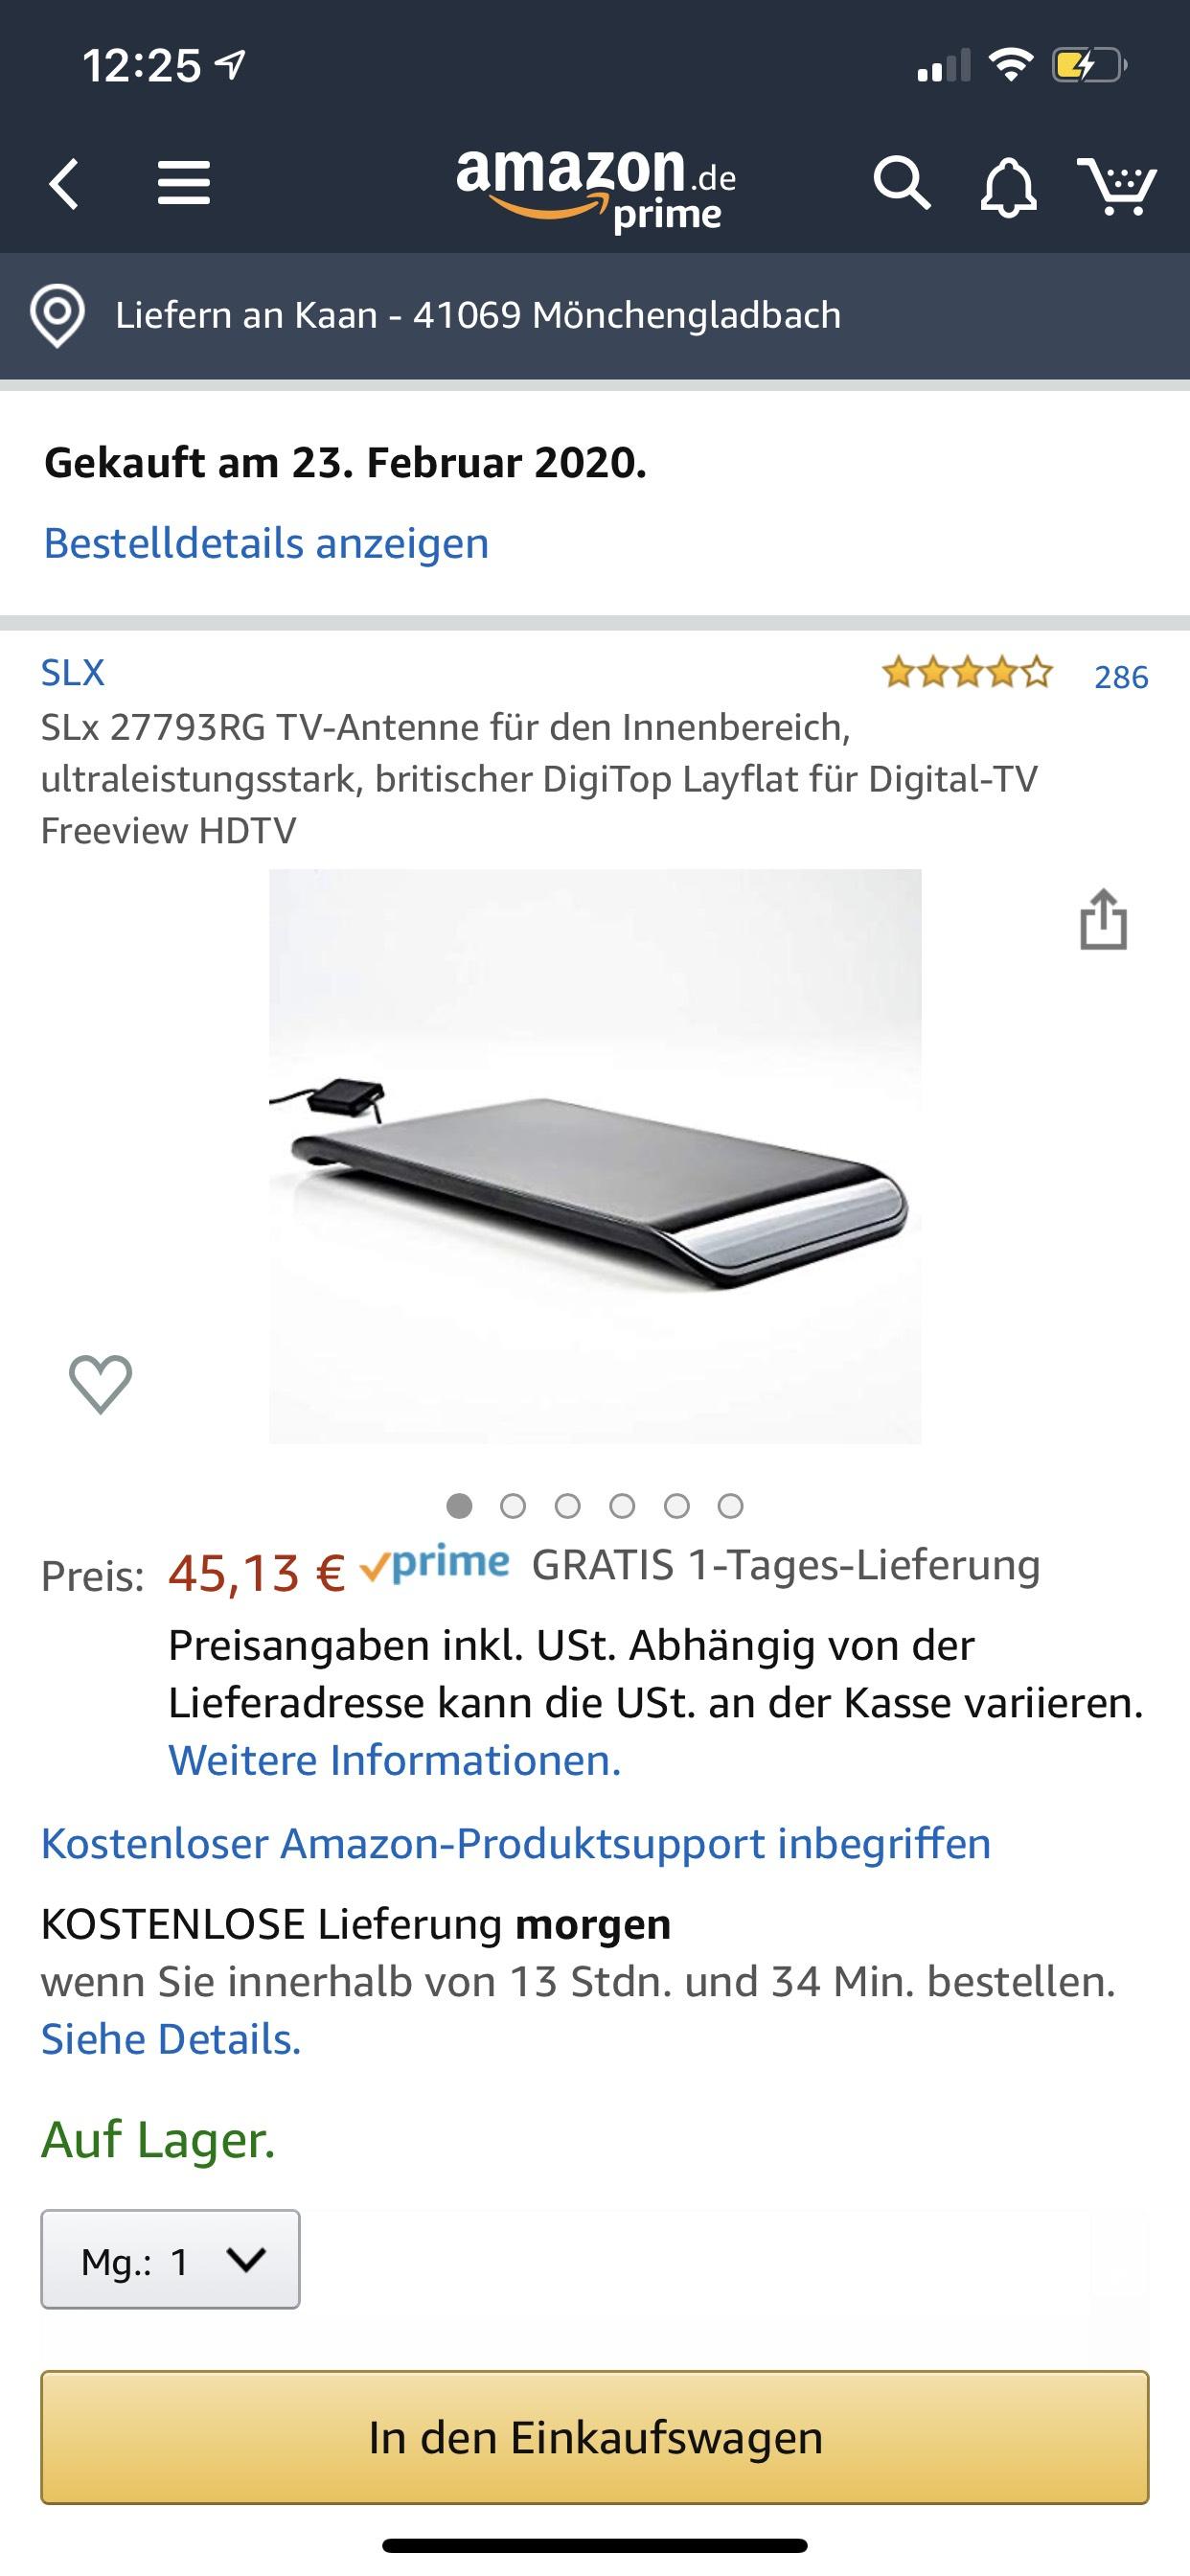 (Amazon whd) SLx 27793RG TV-Antenne für den Innenbereich, ultraleistungsstark, britischer DigiTop Layflat für Digital-TV Freeview HDTV